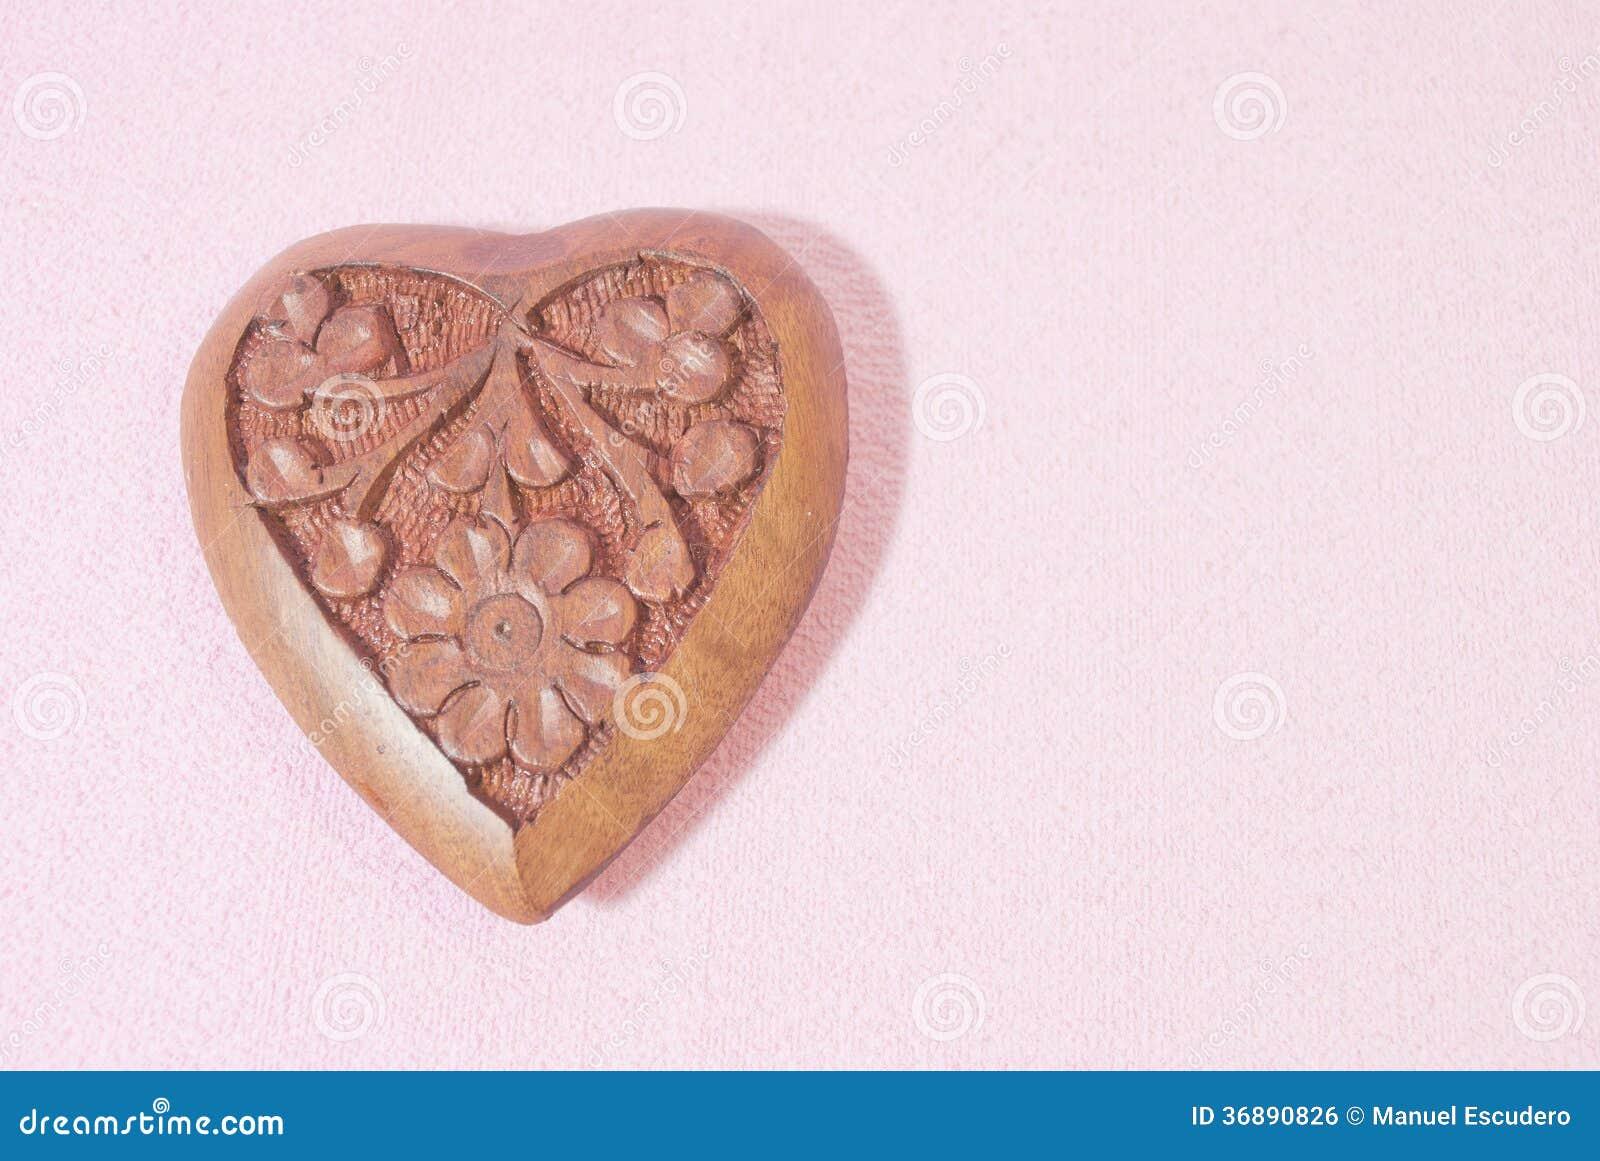 Download Cuore di legno fotografia stock. Immagine di valentines - 36890826